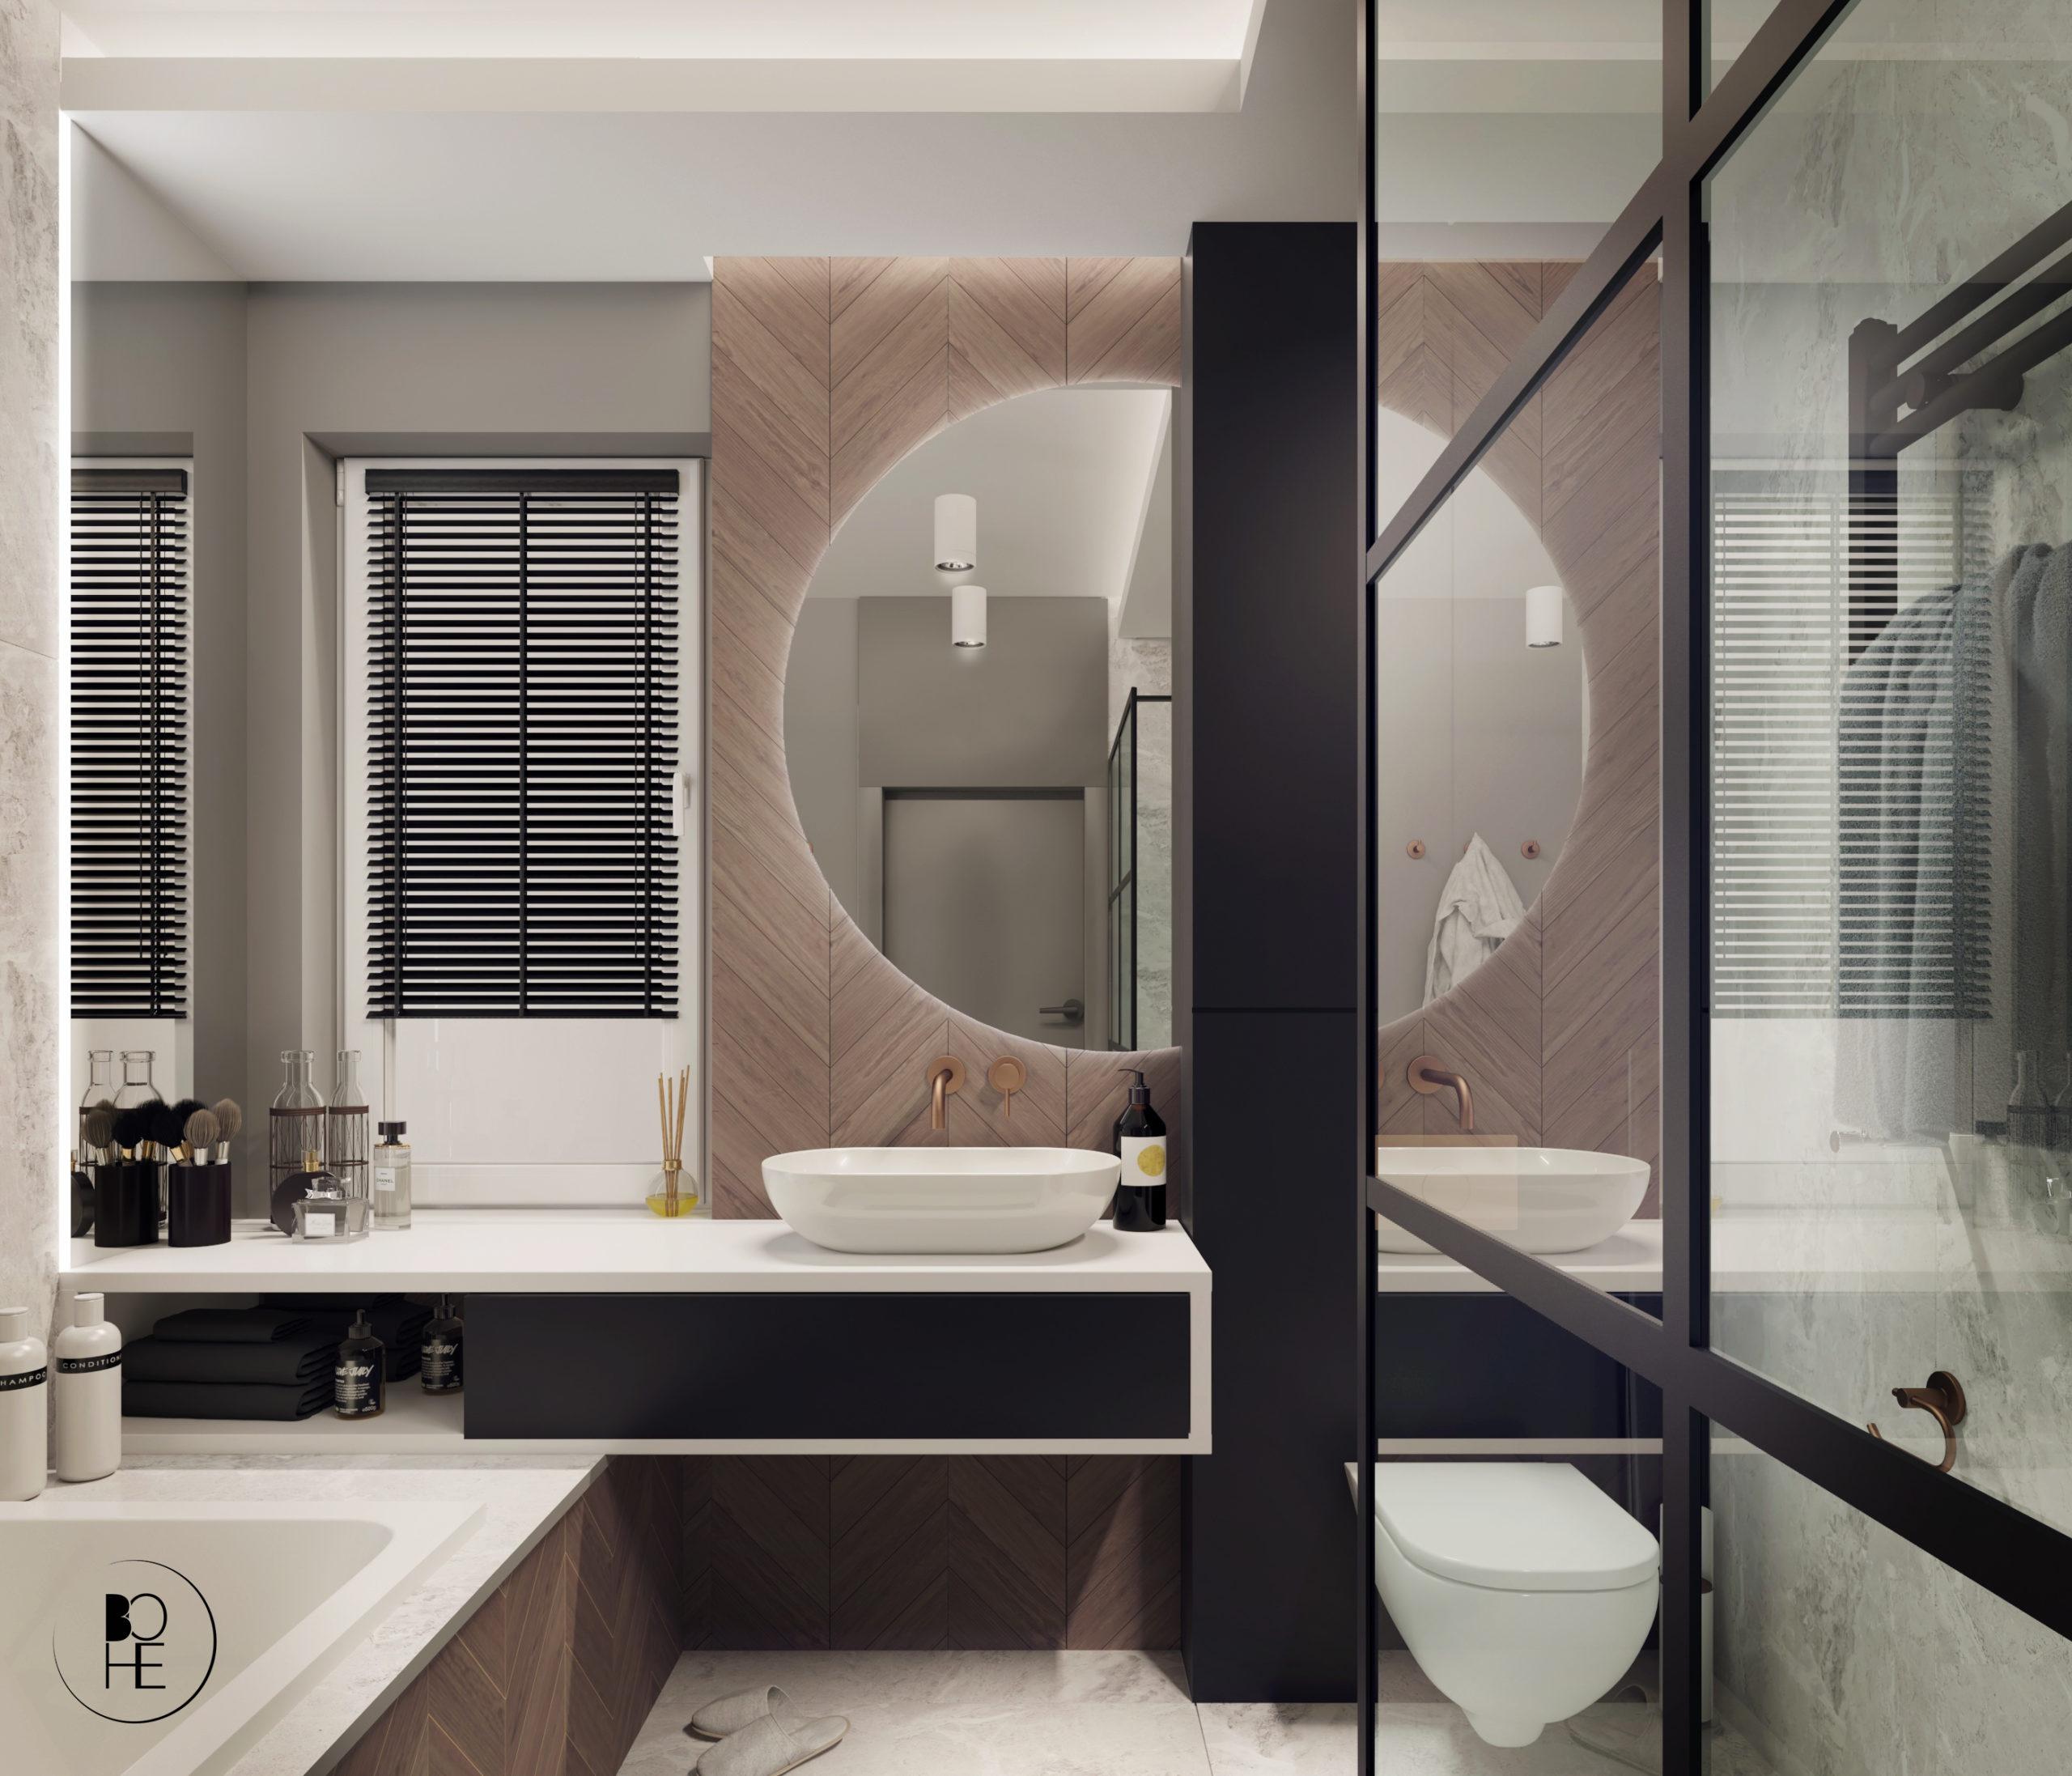 Architekt Białystok Projekt łazienki z okrągłym lustrem, prysznicem i wanną Anna Skowronska Bohe Architektura